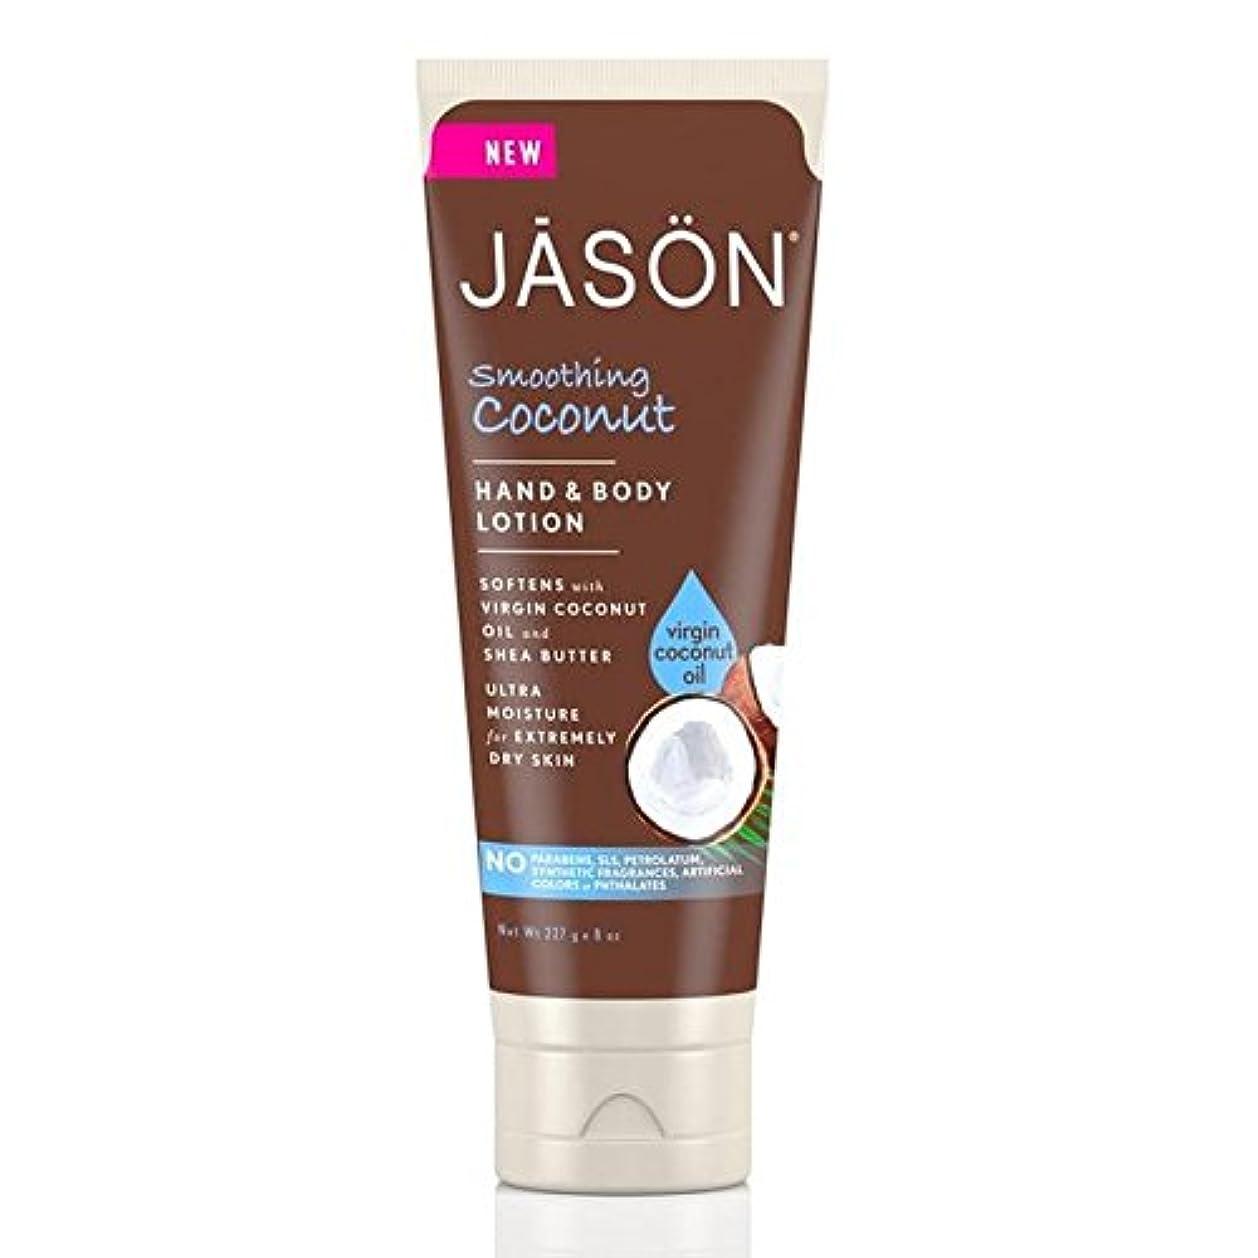 ベンチャー三角形アミューズJason Coconut Hand & Body Lotion 227g - ジェイソン?ココナッツハンド&ボディローション227グラム [並行輸入品]